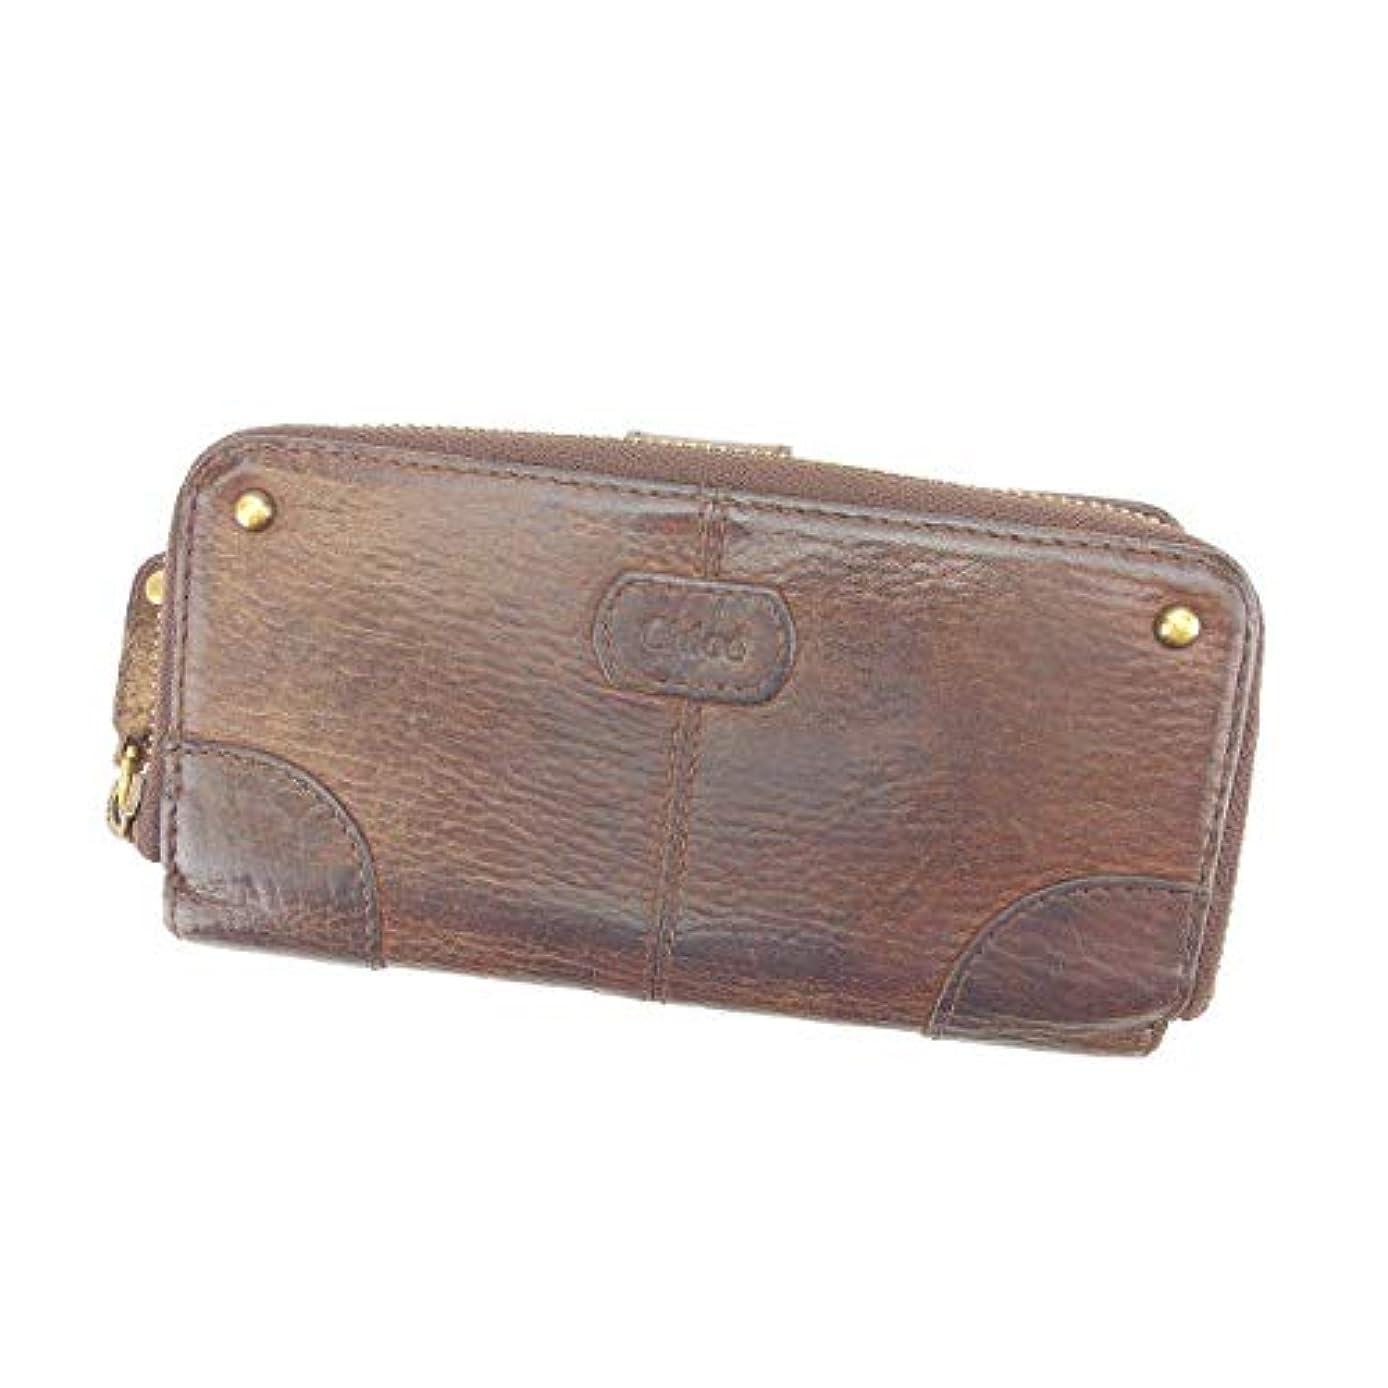 拳輝く商品(Chloe) クロエ 長財布 ラウンドファスナー財布 男女兼用 スタッズ 中古 L859